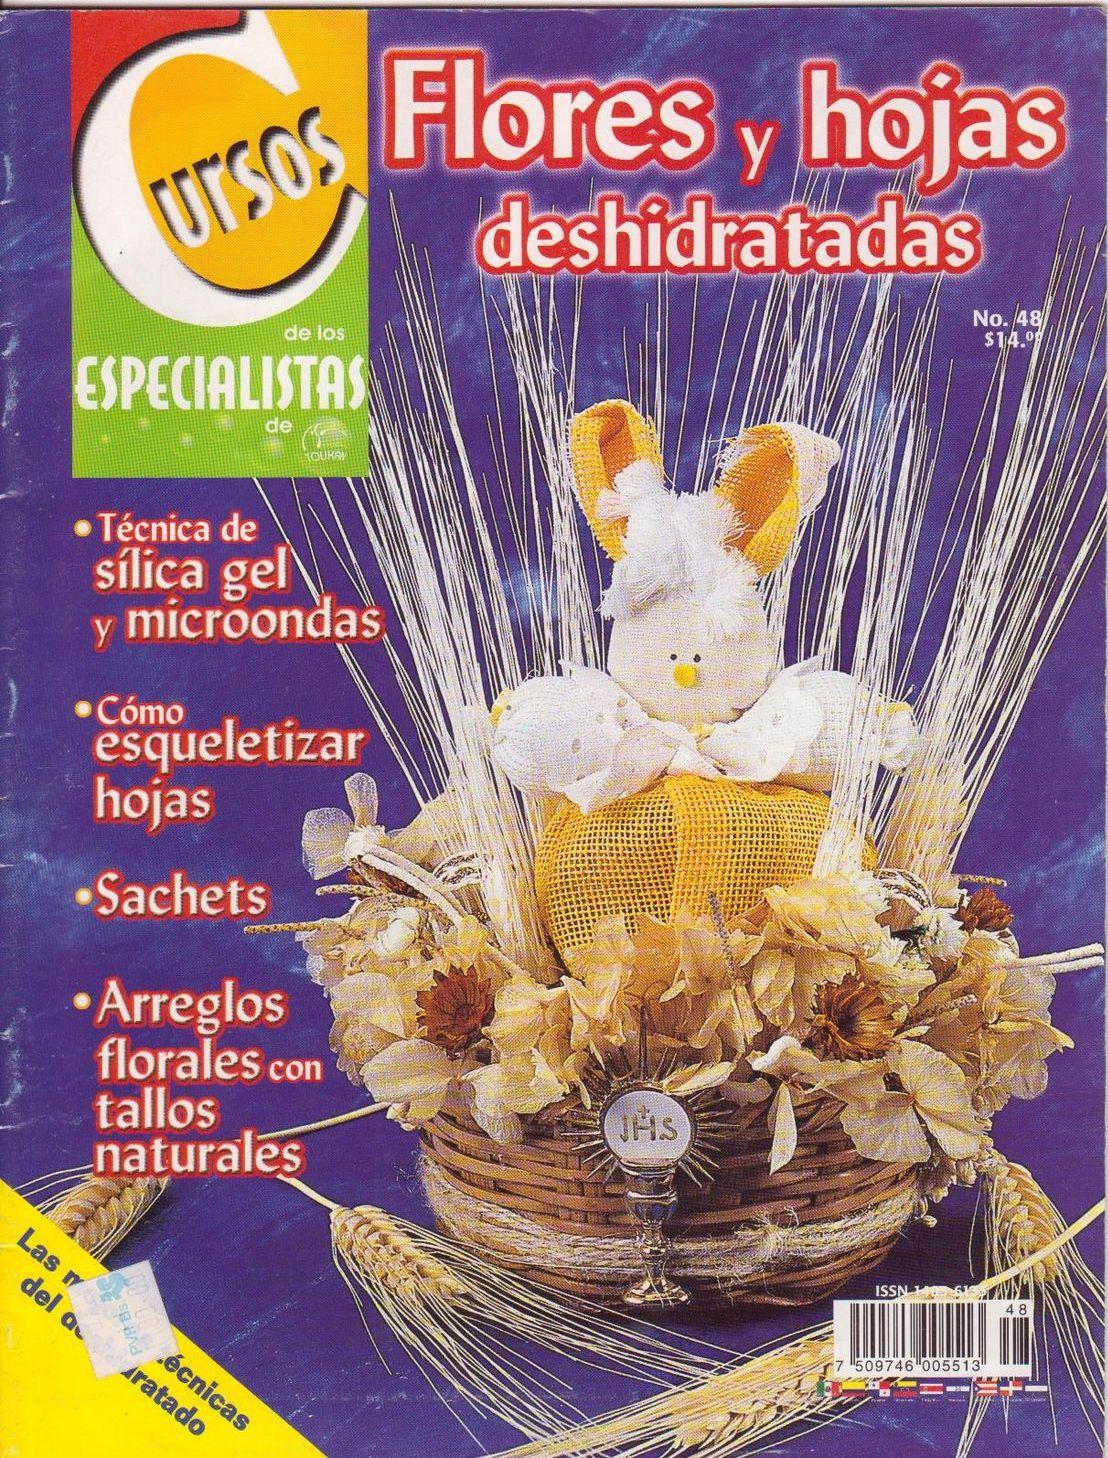 Revista: Cursos de los especialistas No. 48. Flores y hojas deshidratadas